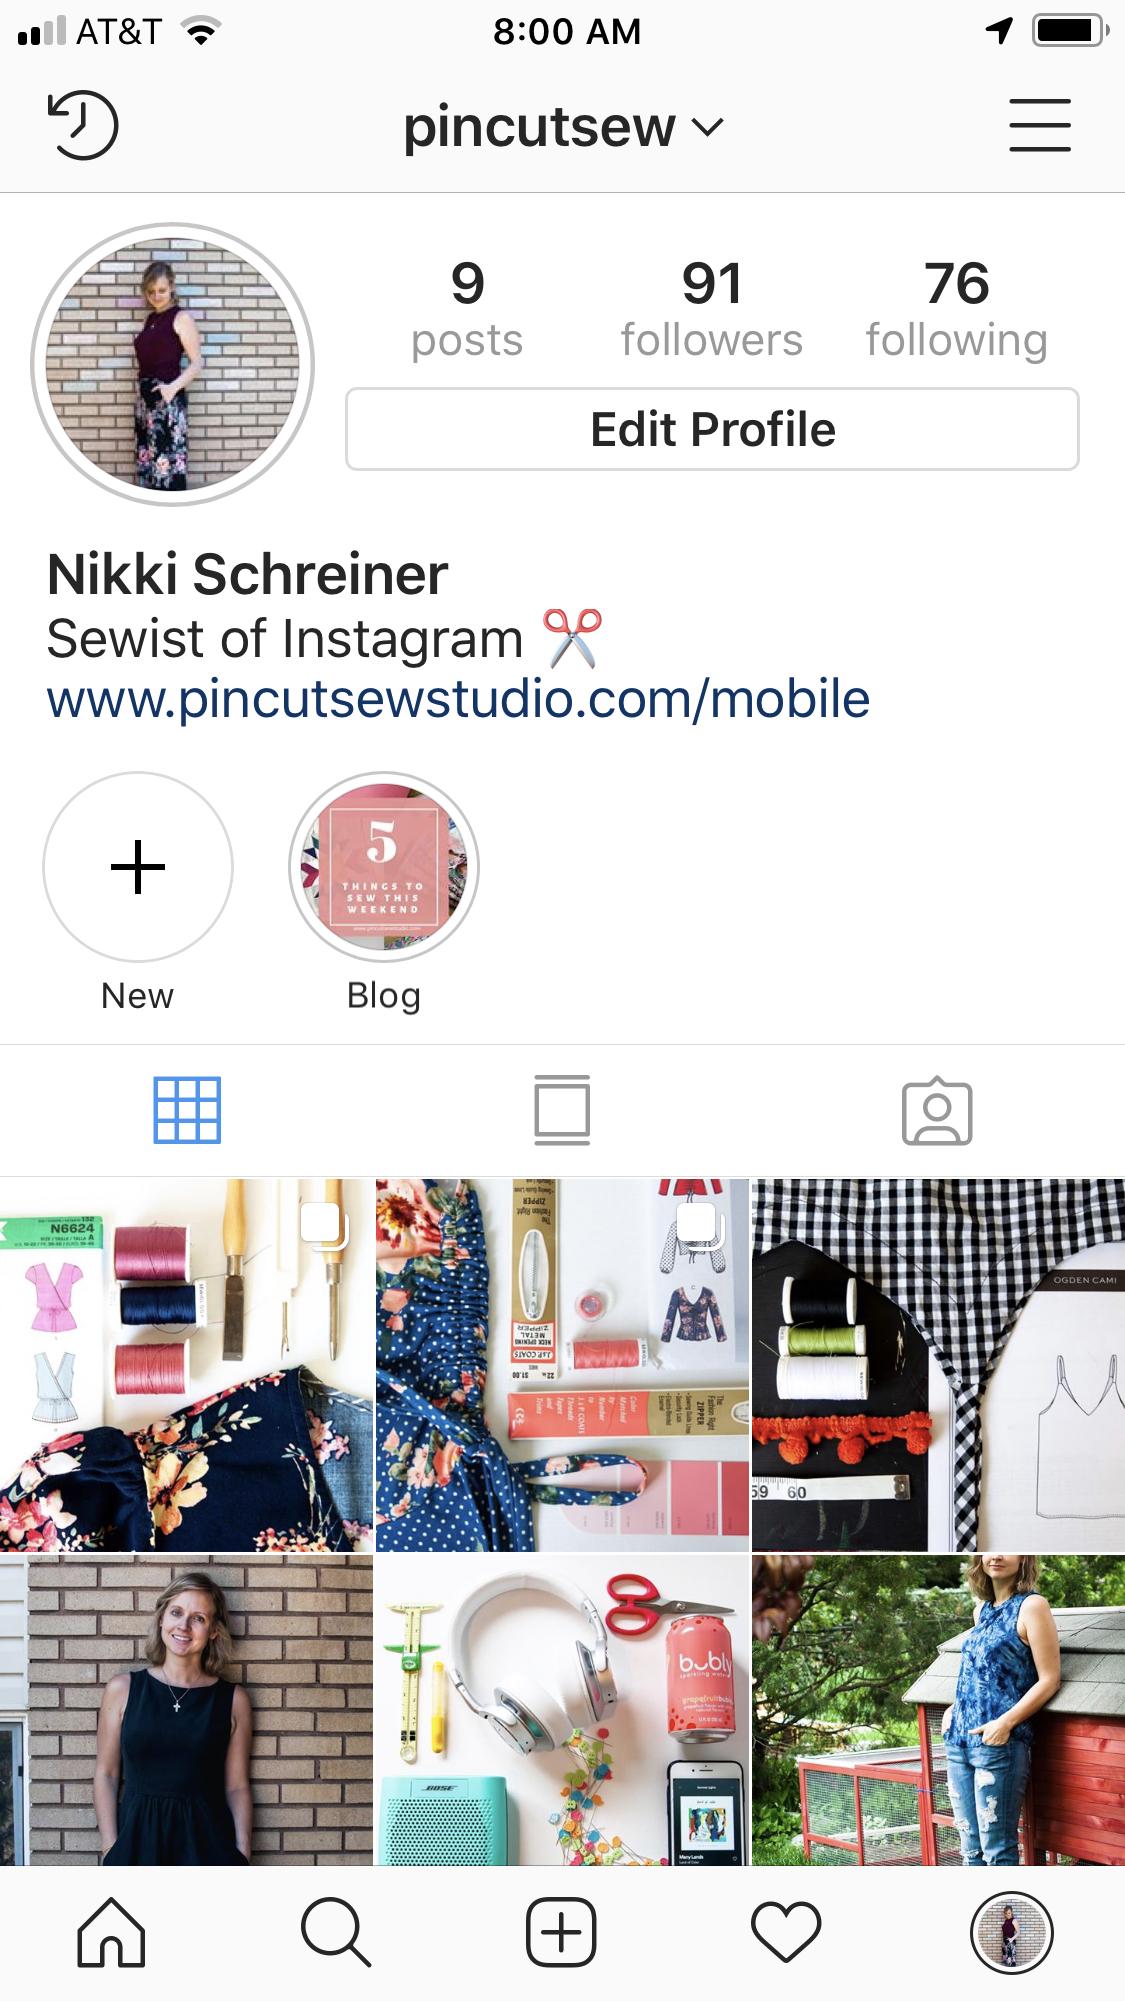 Nikki Schreiner of Pin, Cut, Sew Studio on Instagram